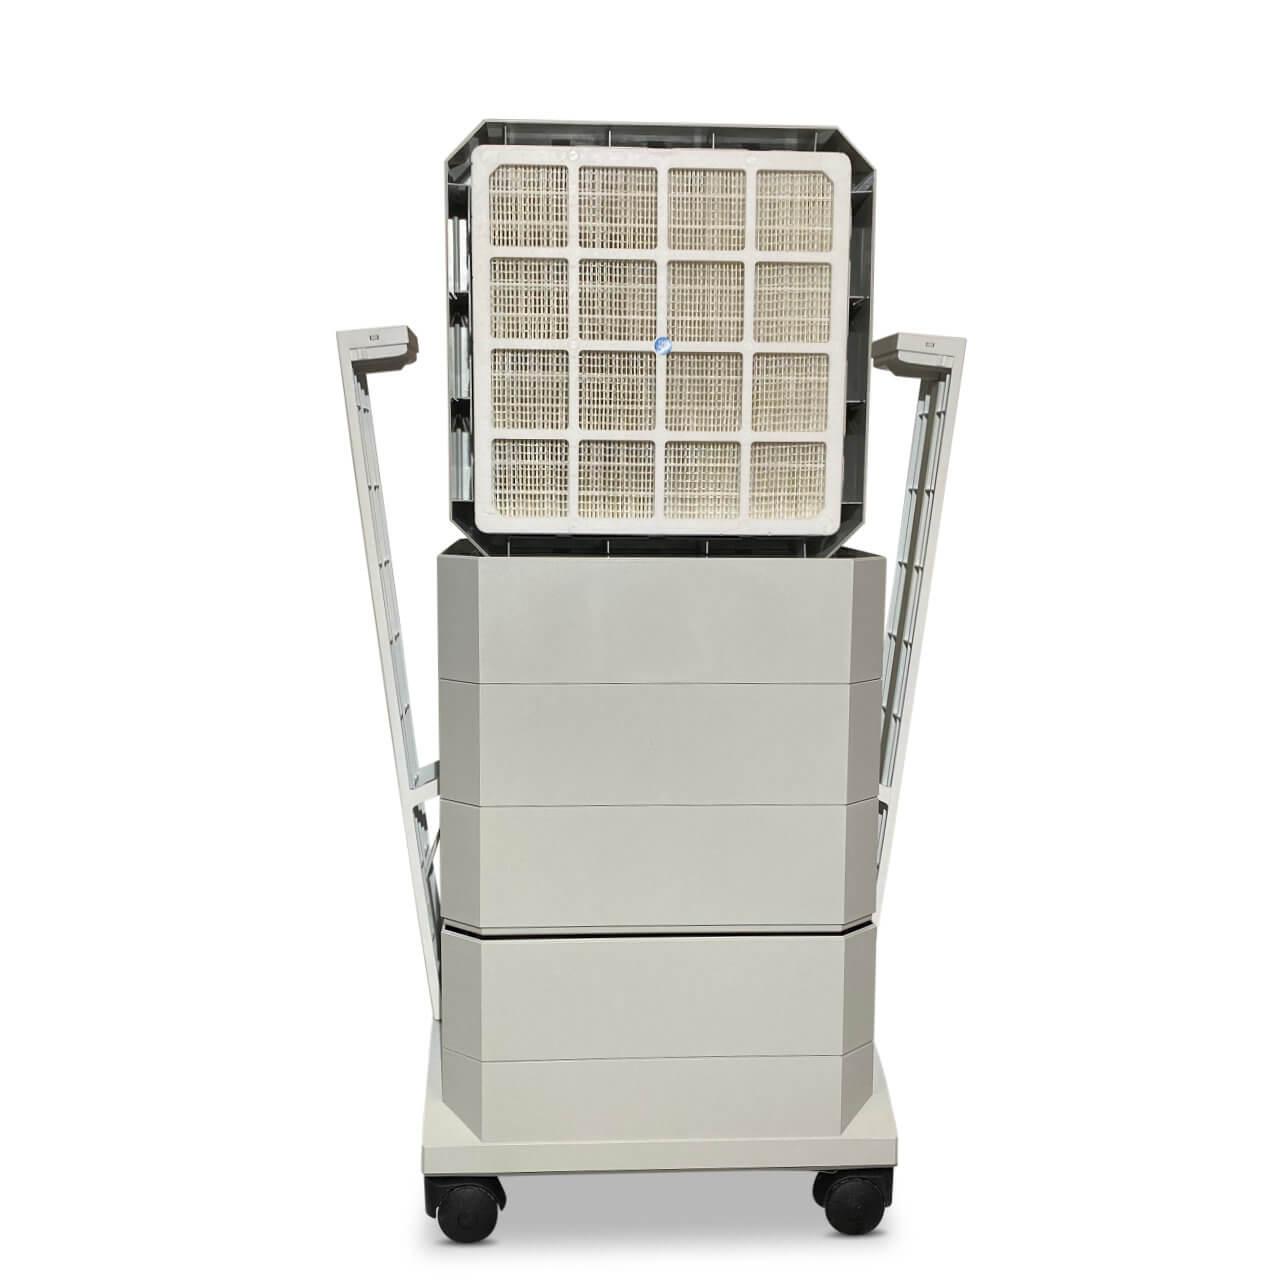 Luftreiniger HealthPro 250 004 - IQAir Corona Luftreiniger mit HEPA Filter H13 günstig mieten